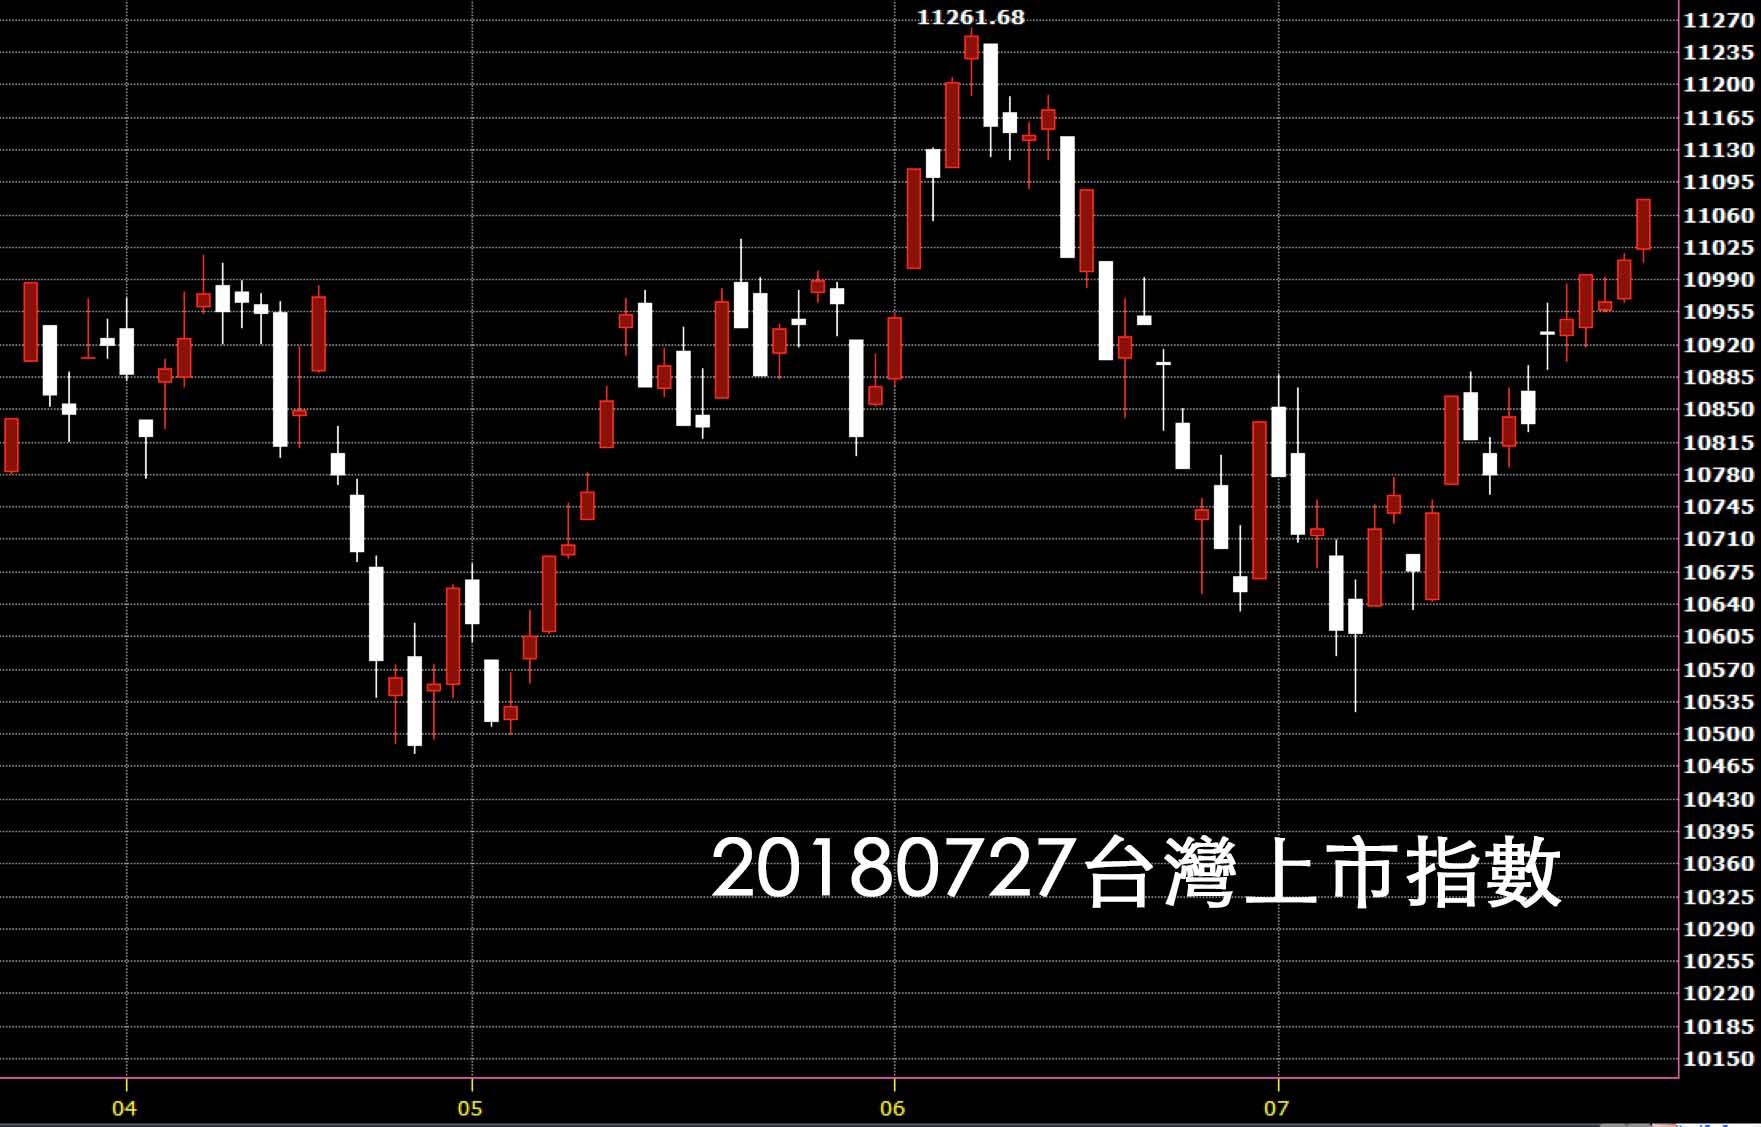 20180727台灣上市指數日K線圖技術分析股票教學